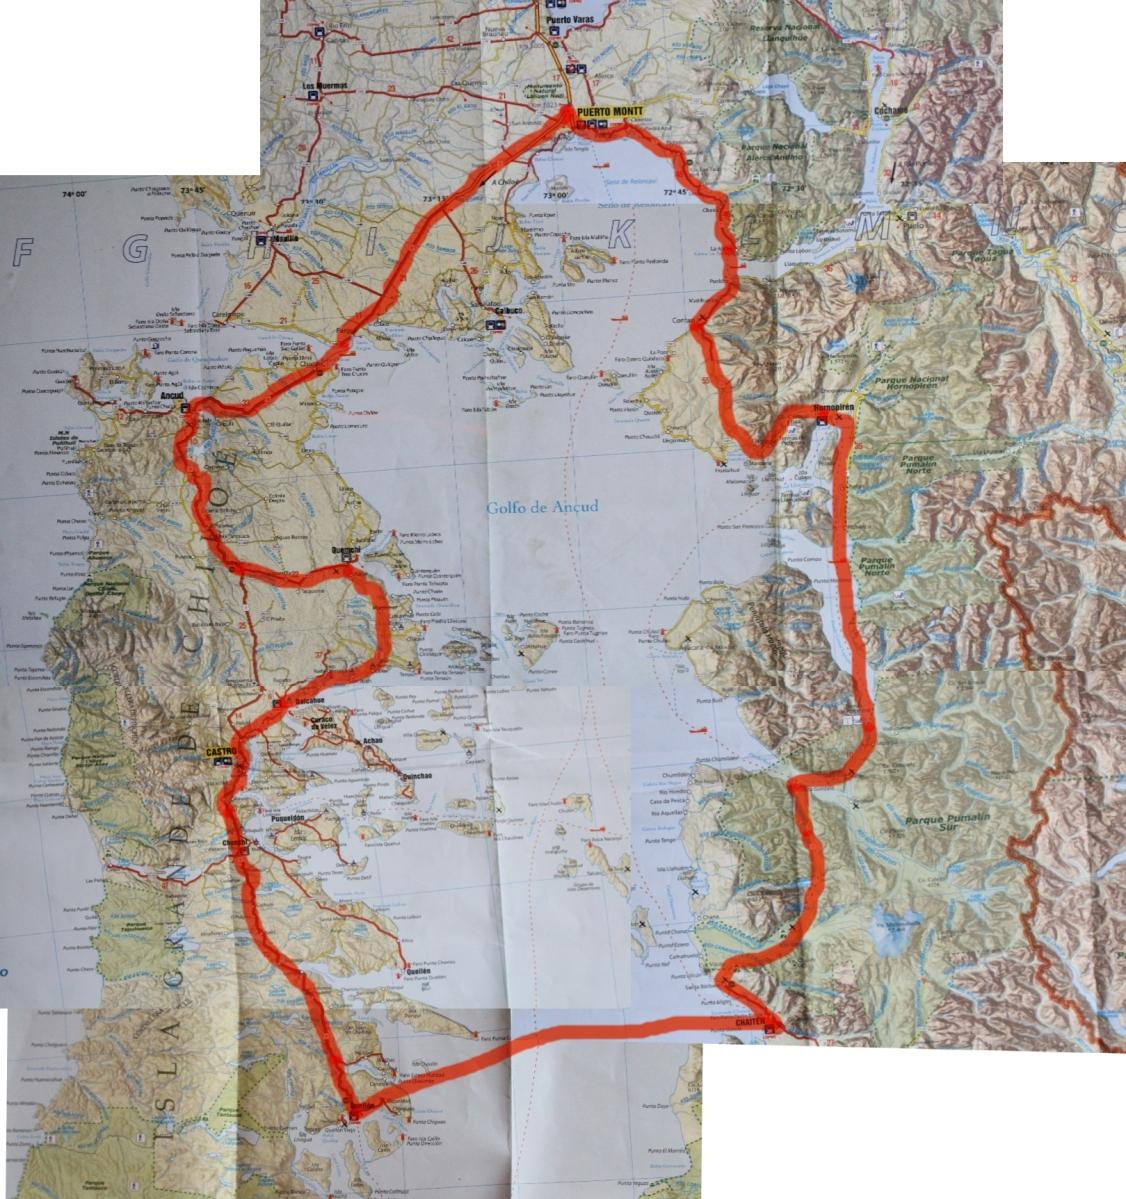 Circuito W Mapa : Circuito pto montt mapa marcado alforjeando chile